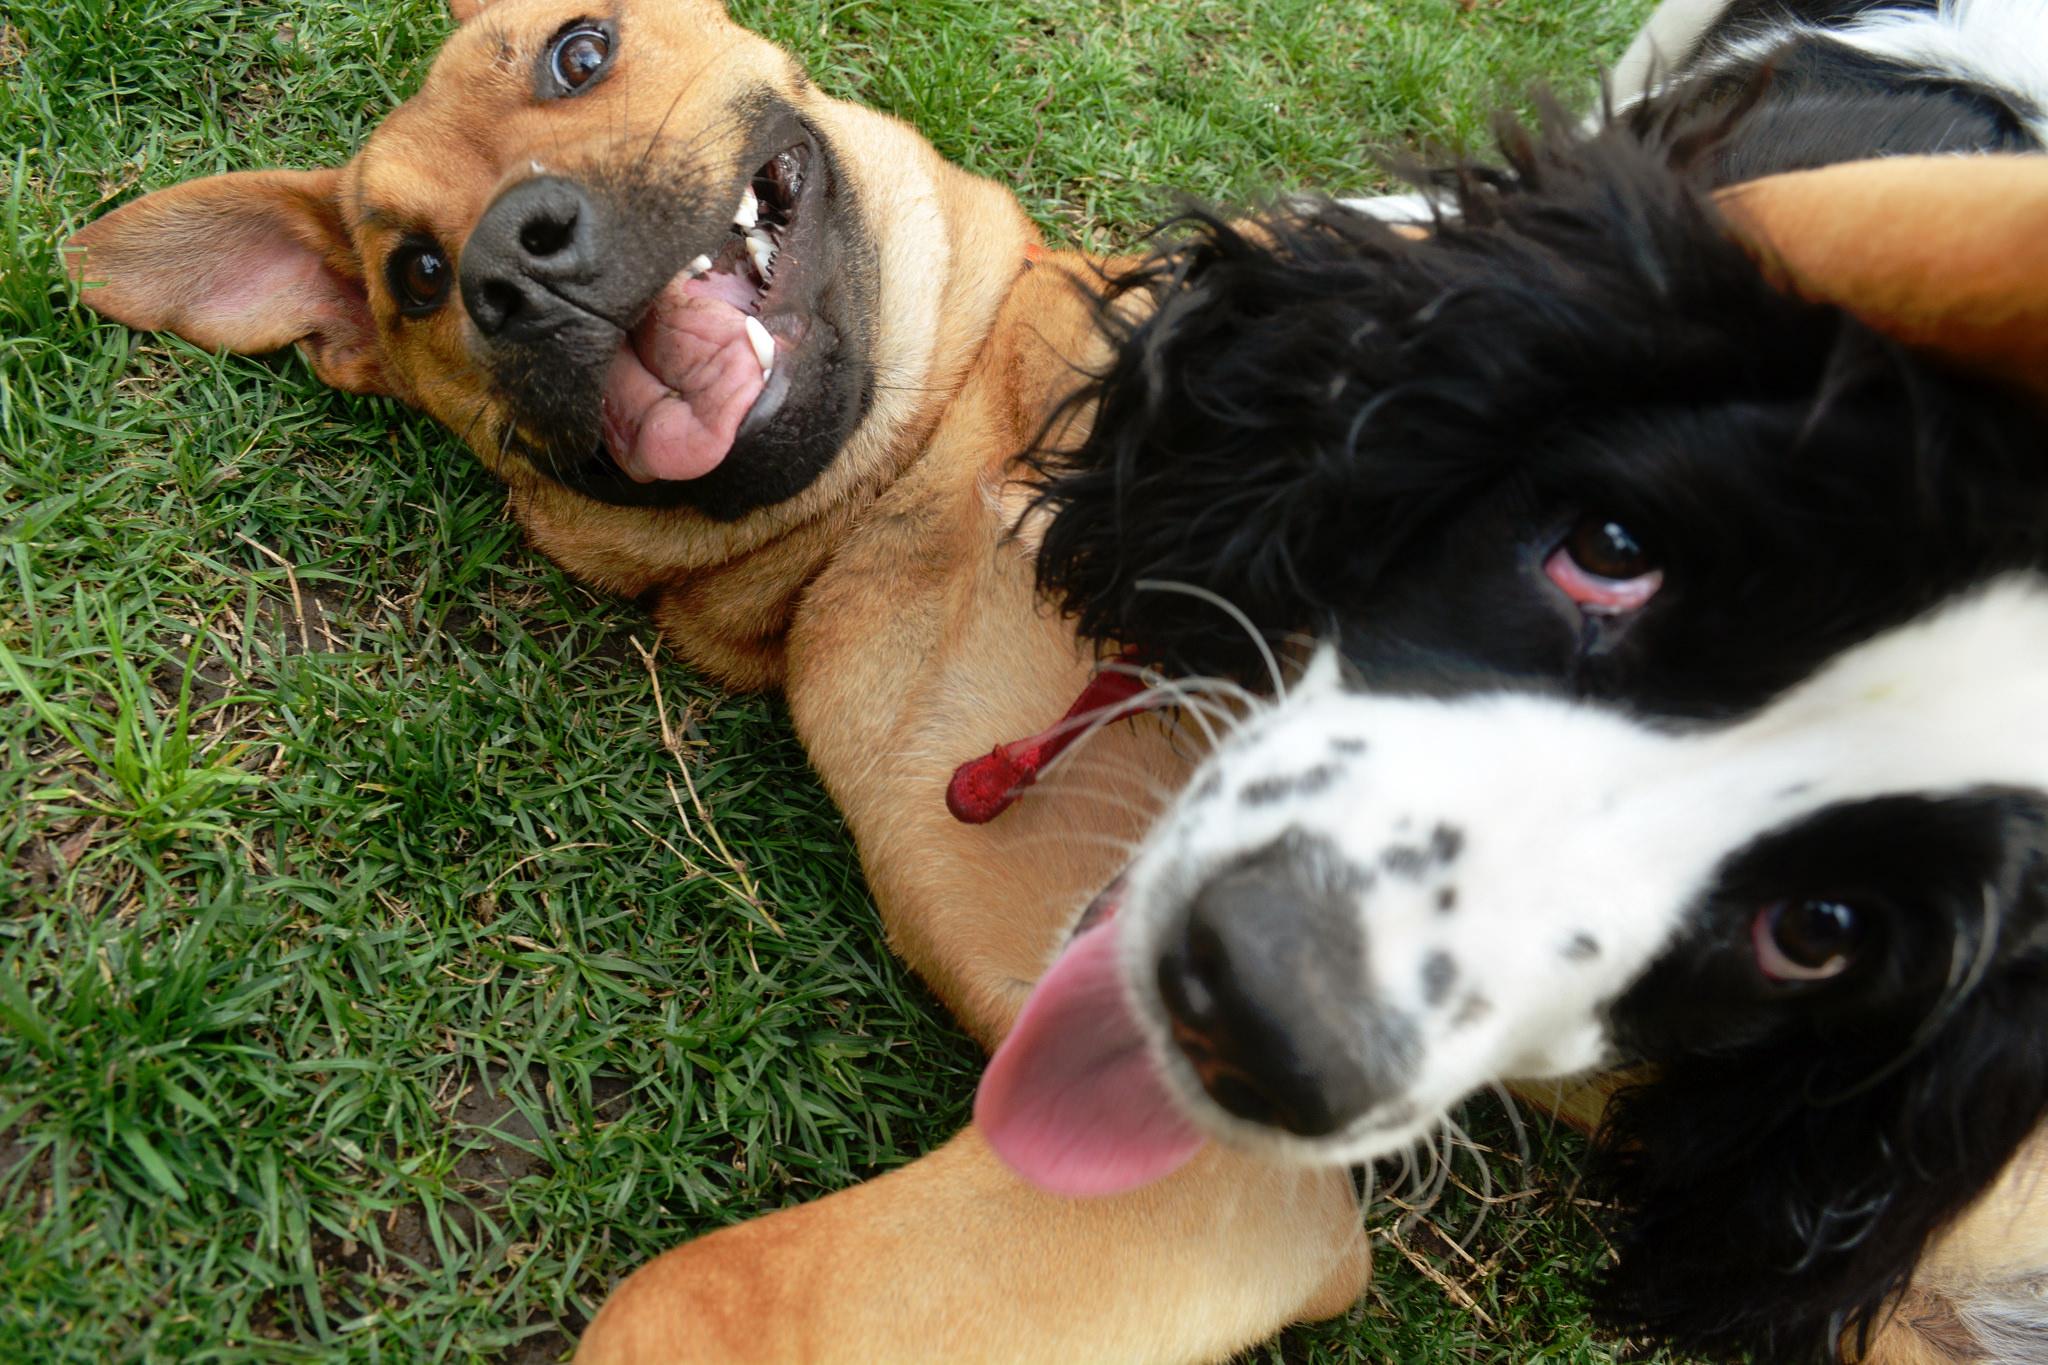 Socialização em Cães adultos é assunto sério! Mesmo que tenham sido socializados filhotes, se o treinamento for interrompido, o cão pode se tornar medroso, ansioso e até agressivo.